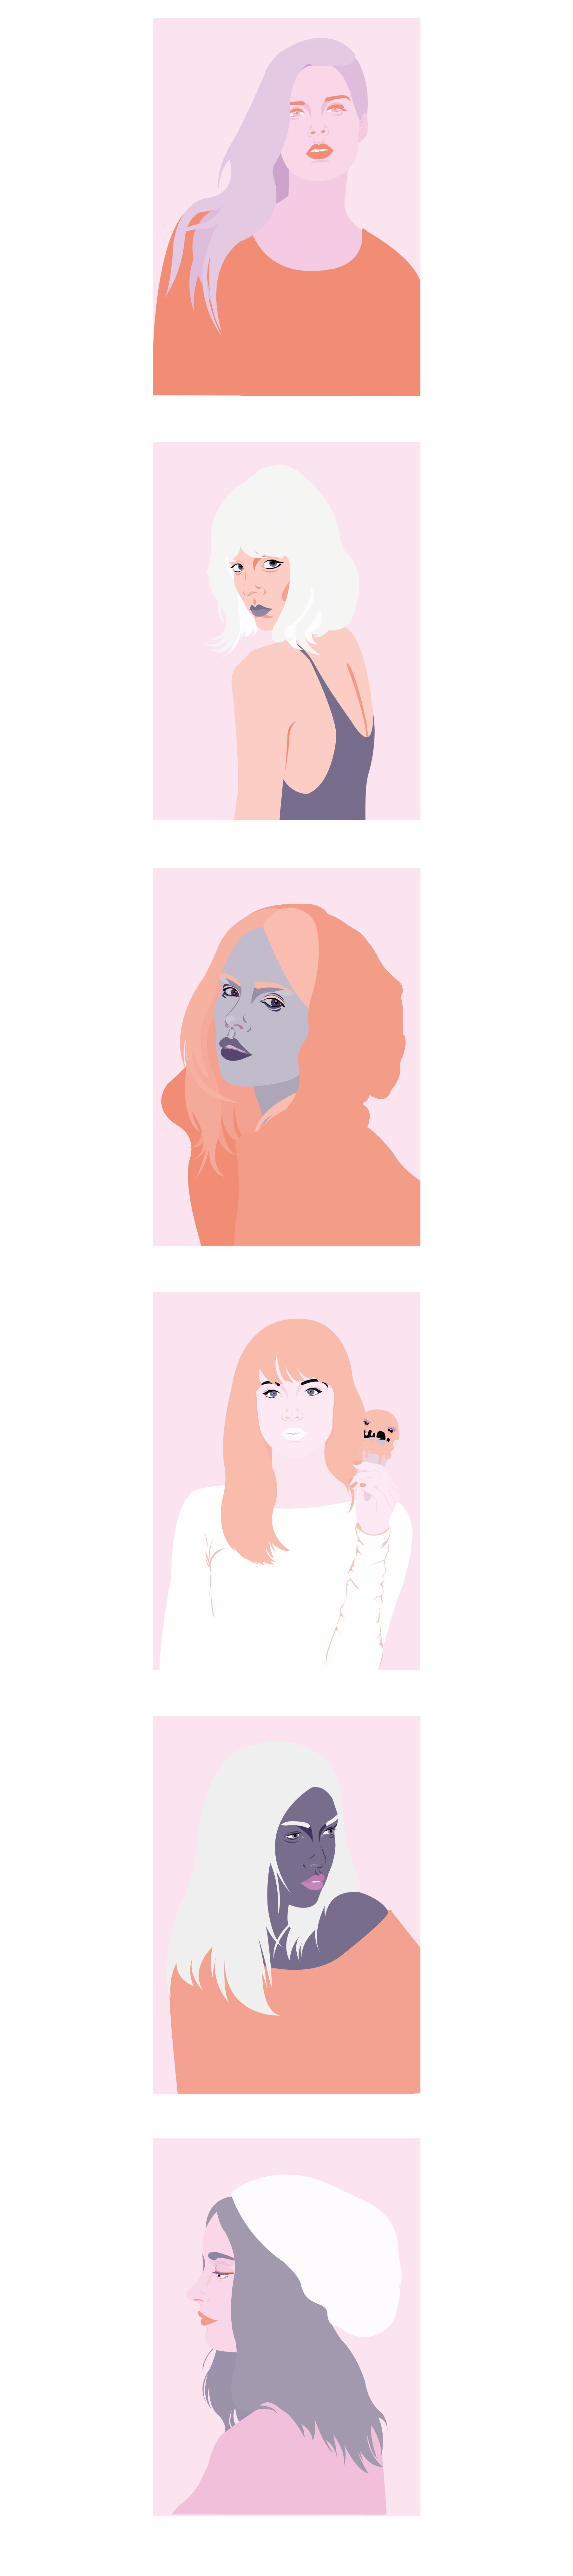 portrait-02.png